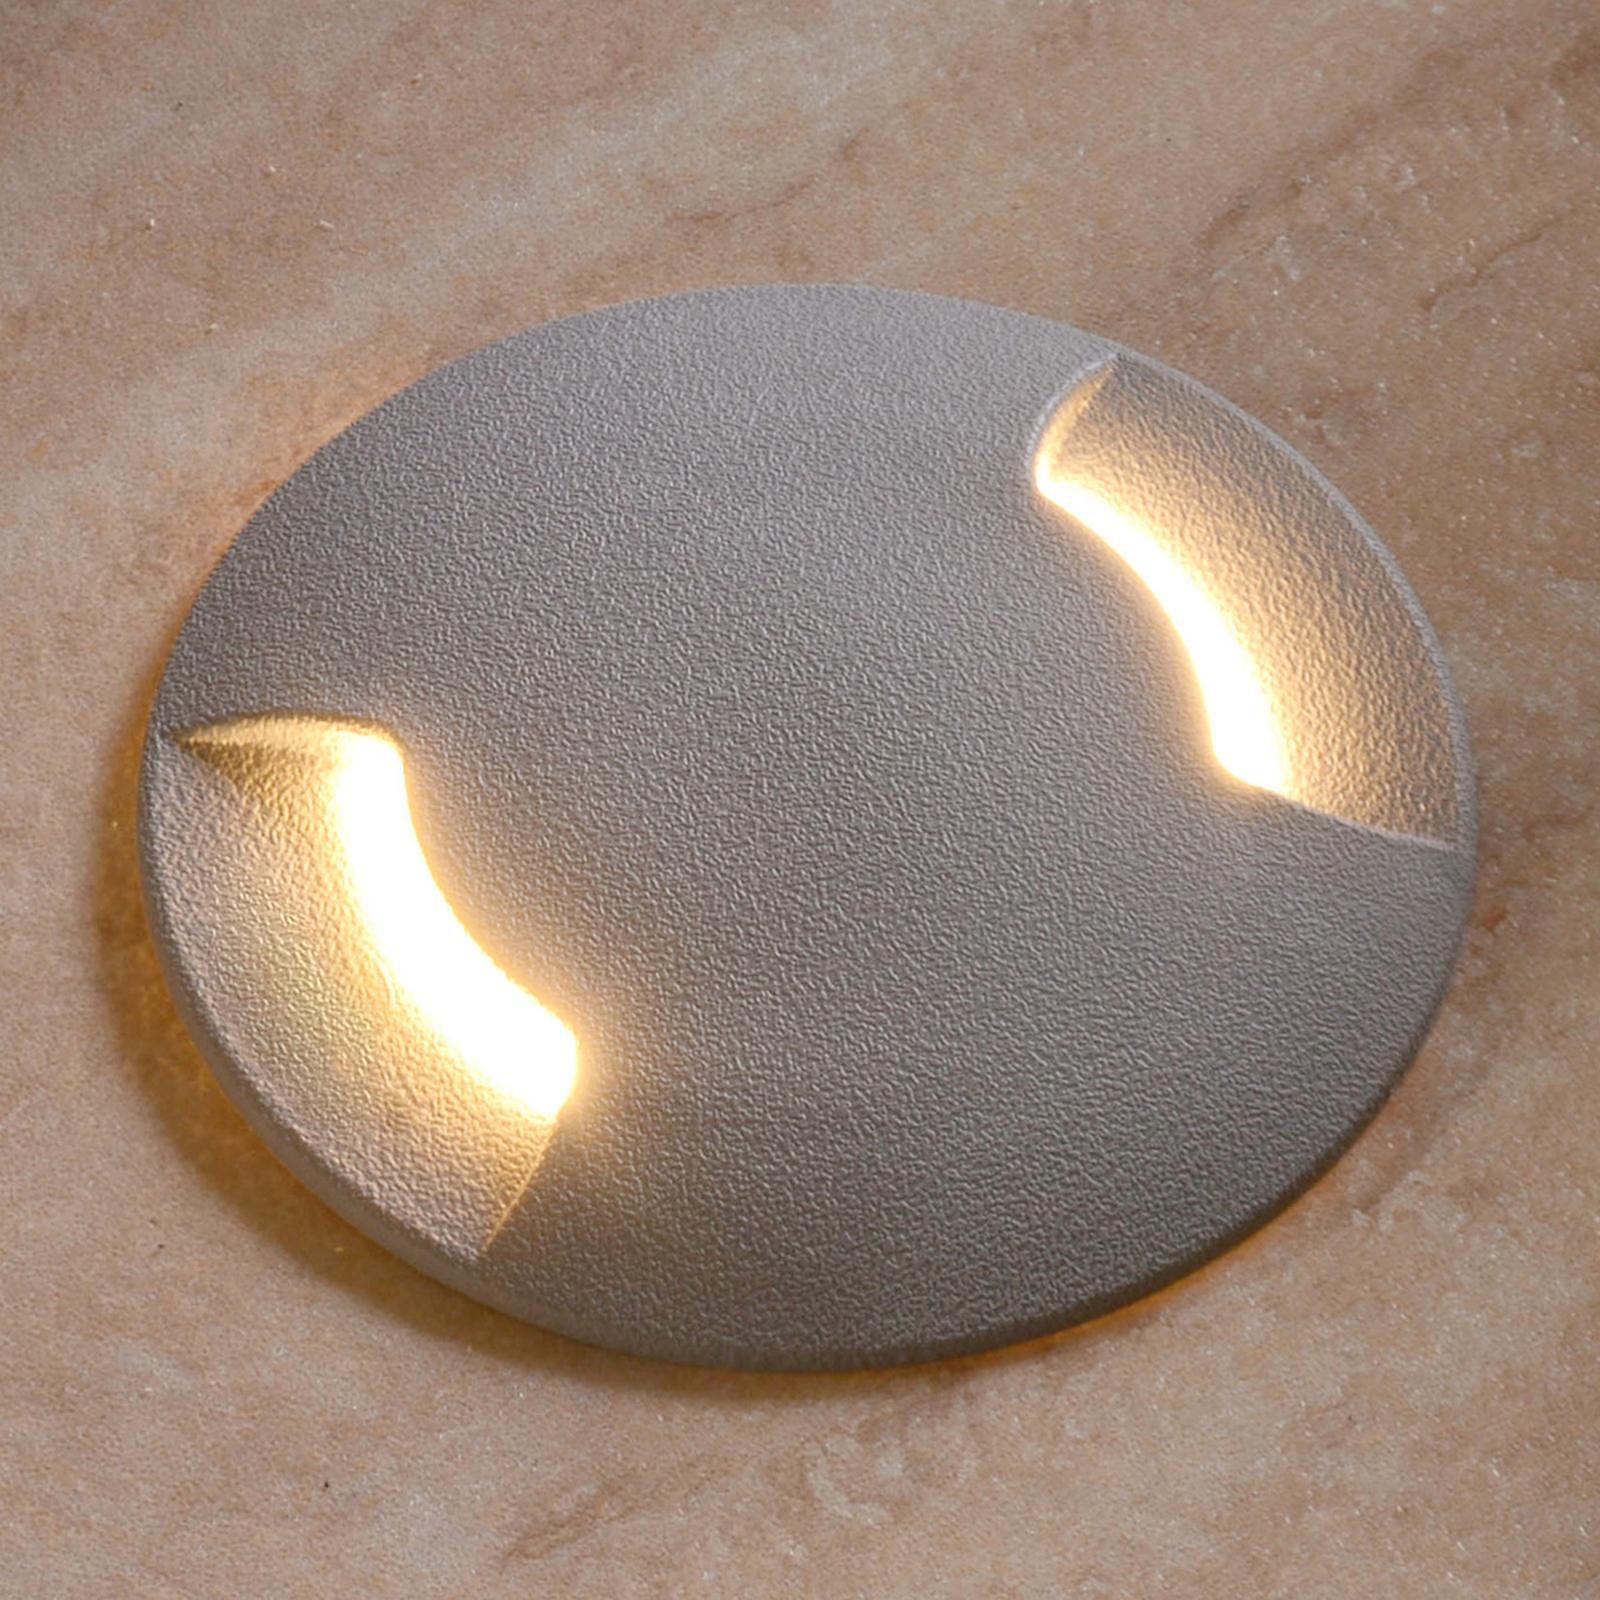 Zapustené podlahové LED svetlo Ceci 120-2 L sivé